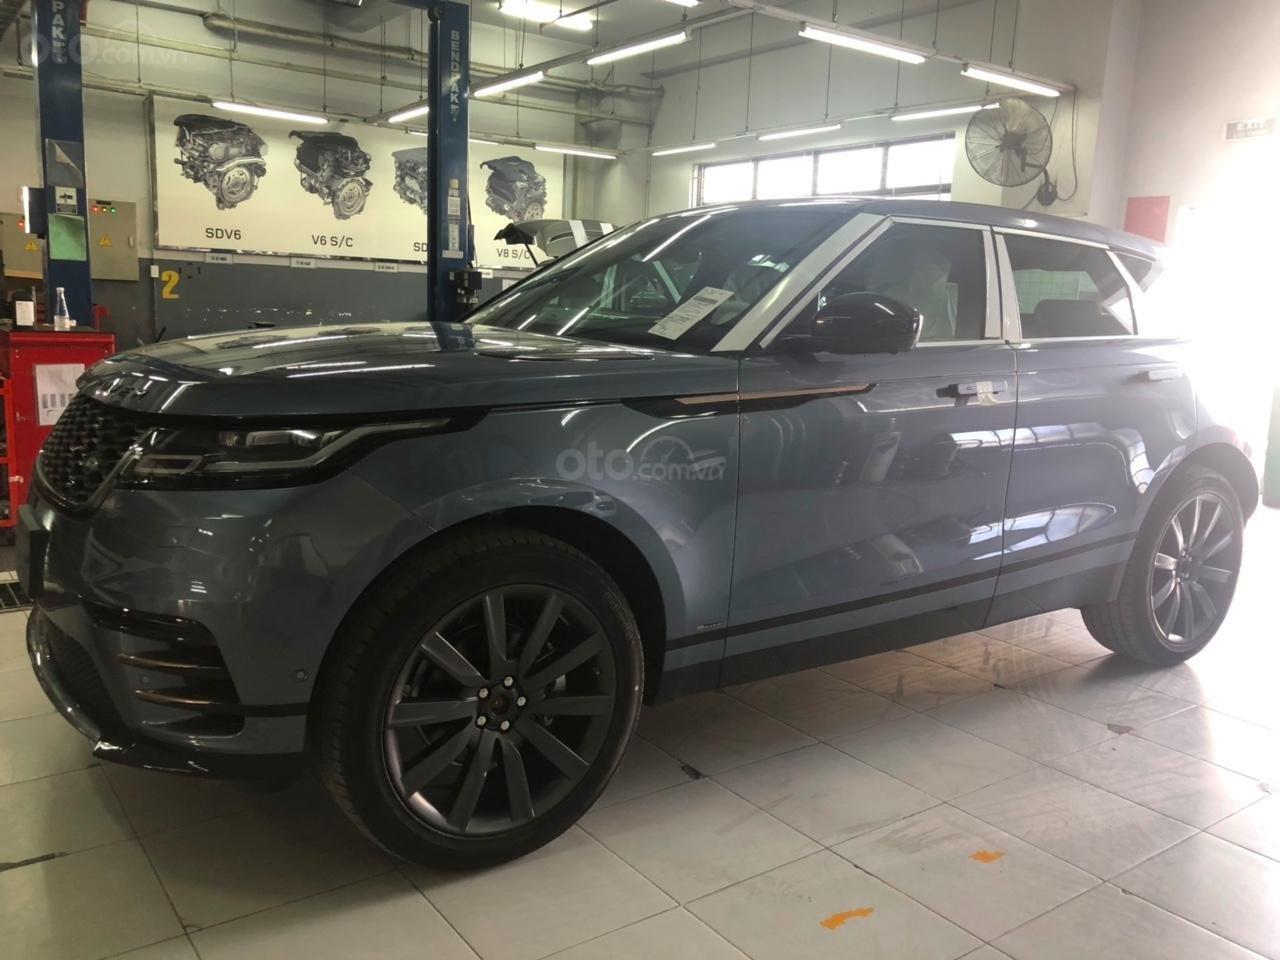 Bán xe Range Rover Velar Dynamic SE 2019 màu xanh, đỏ, đen, trắng màu đồng, bạc - xe giao ngay - 0932222253 (1)